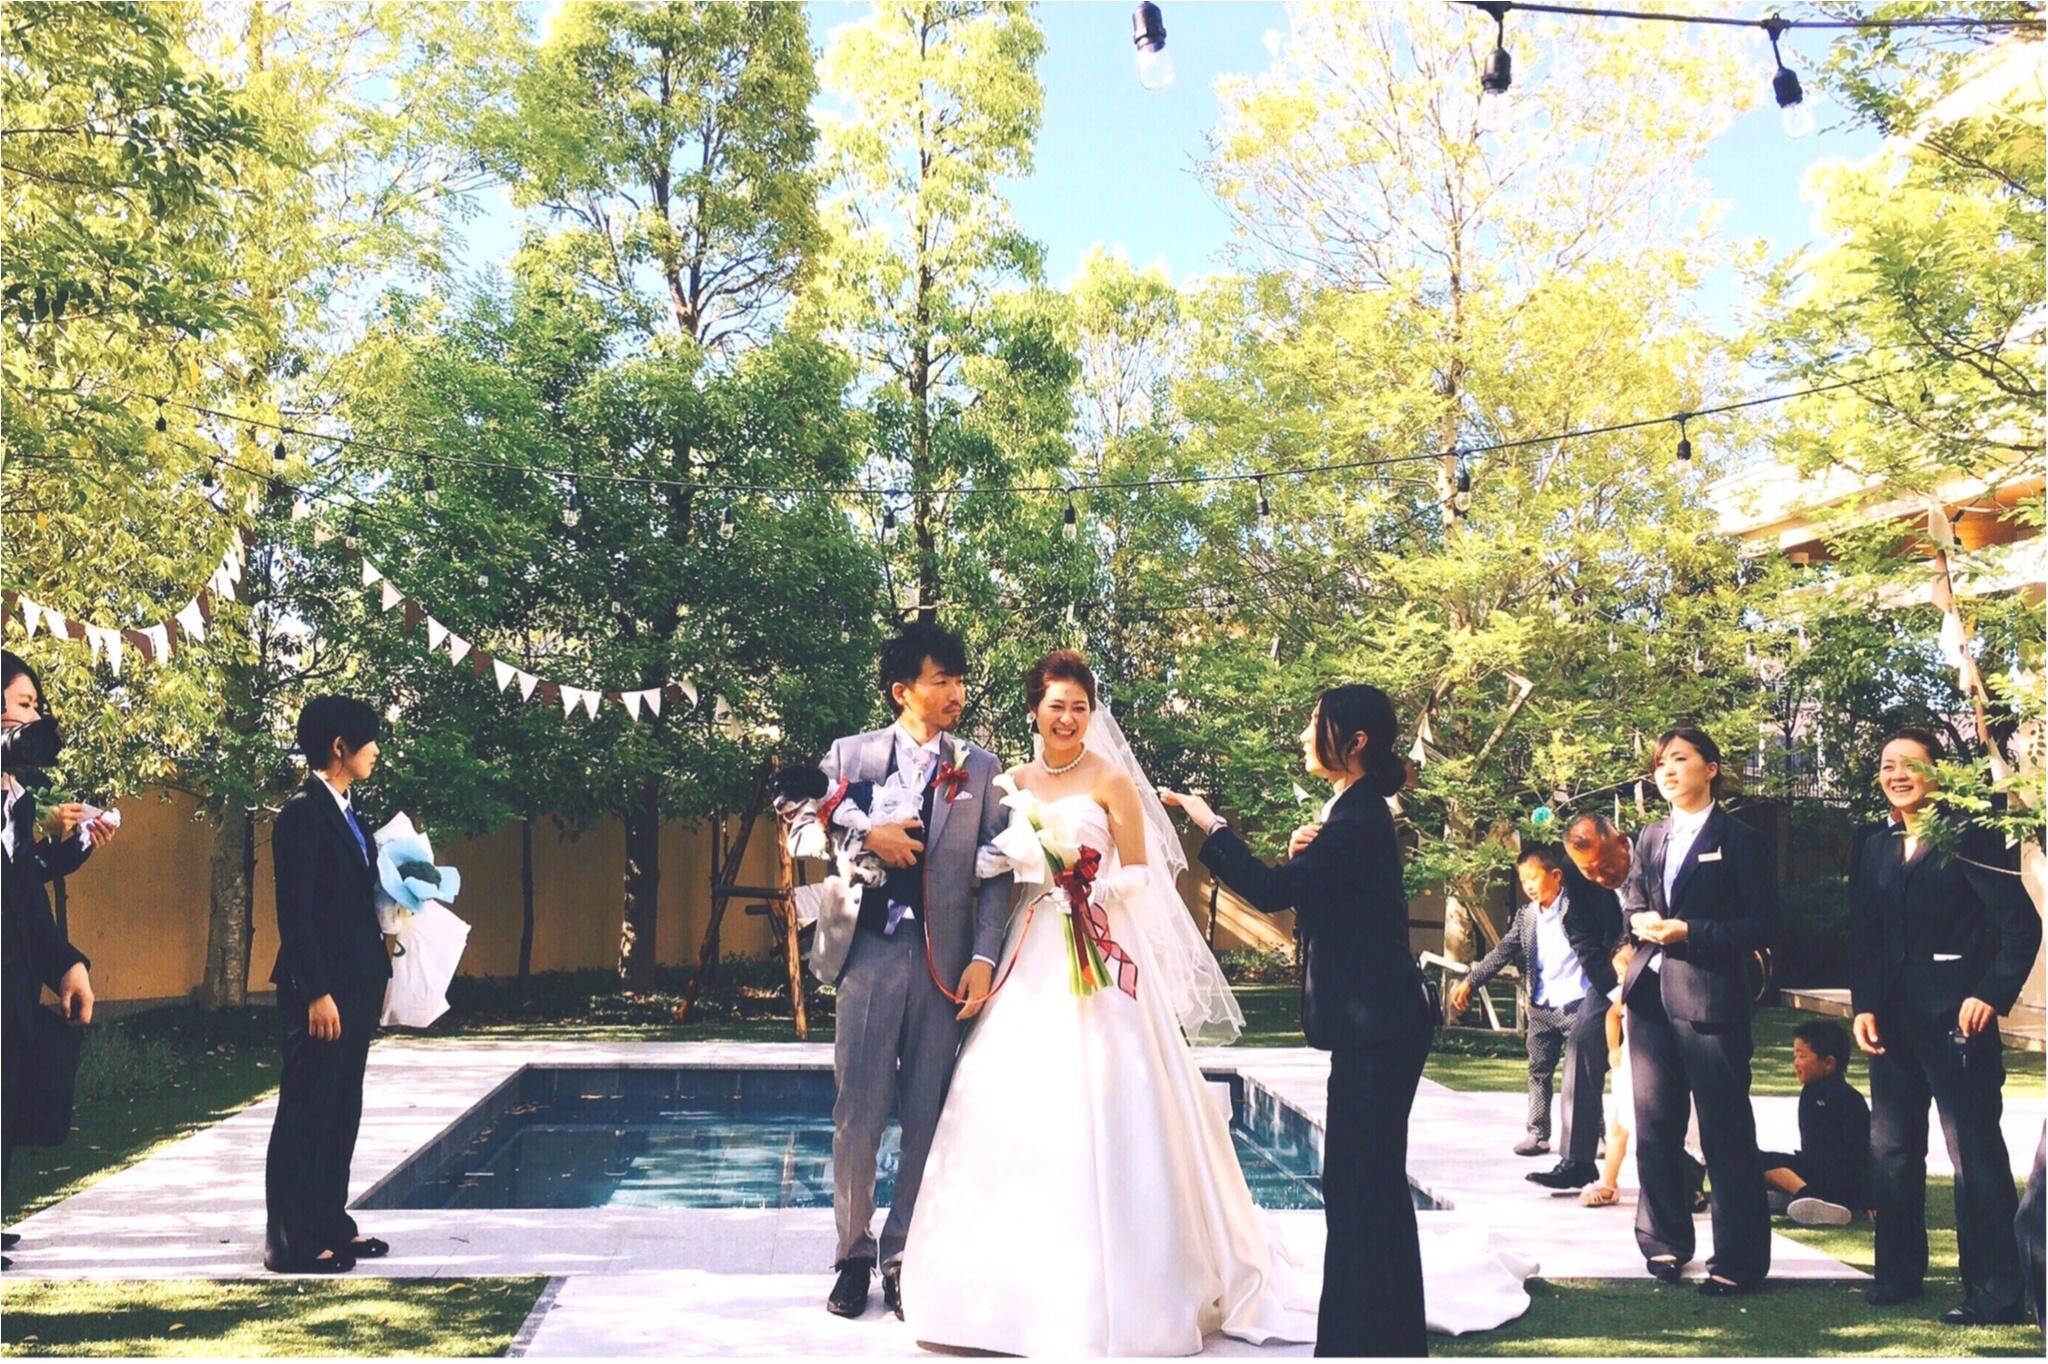 だいすきなモアハピ同期の結婚式♡♡名古屋岐阜三重旅行に行ってきました!_3